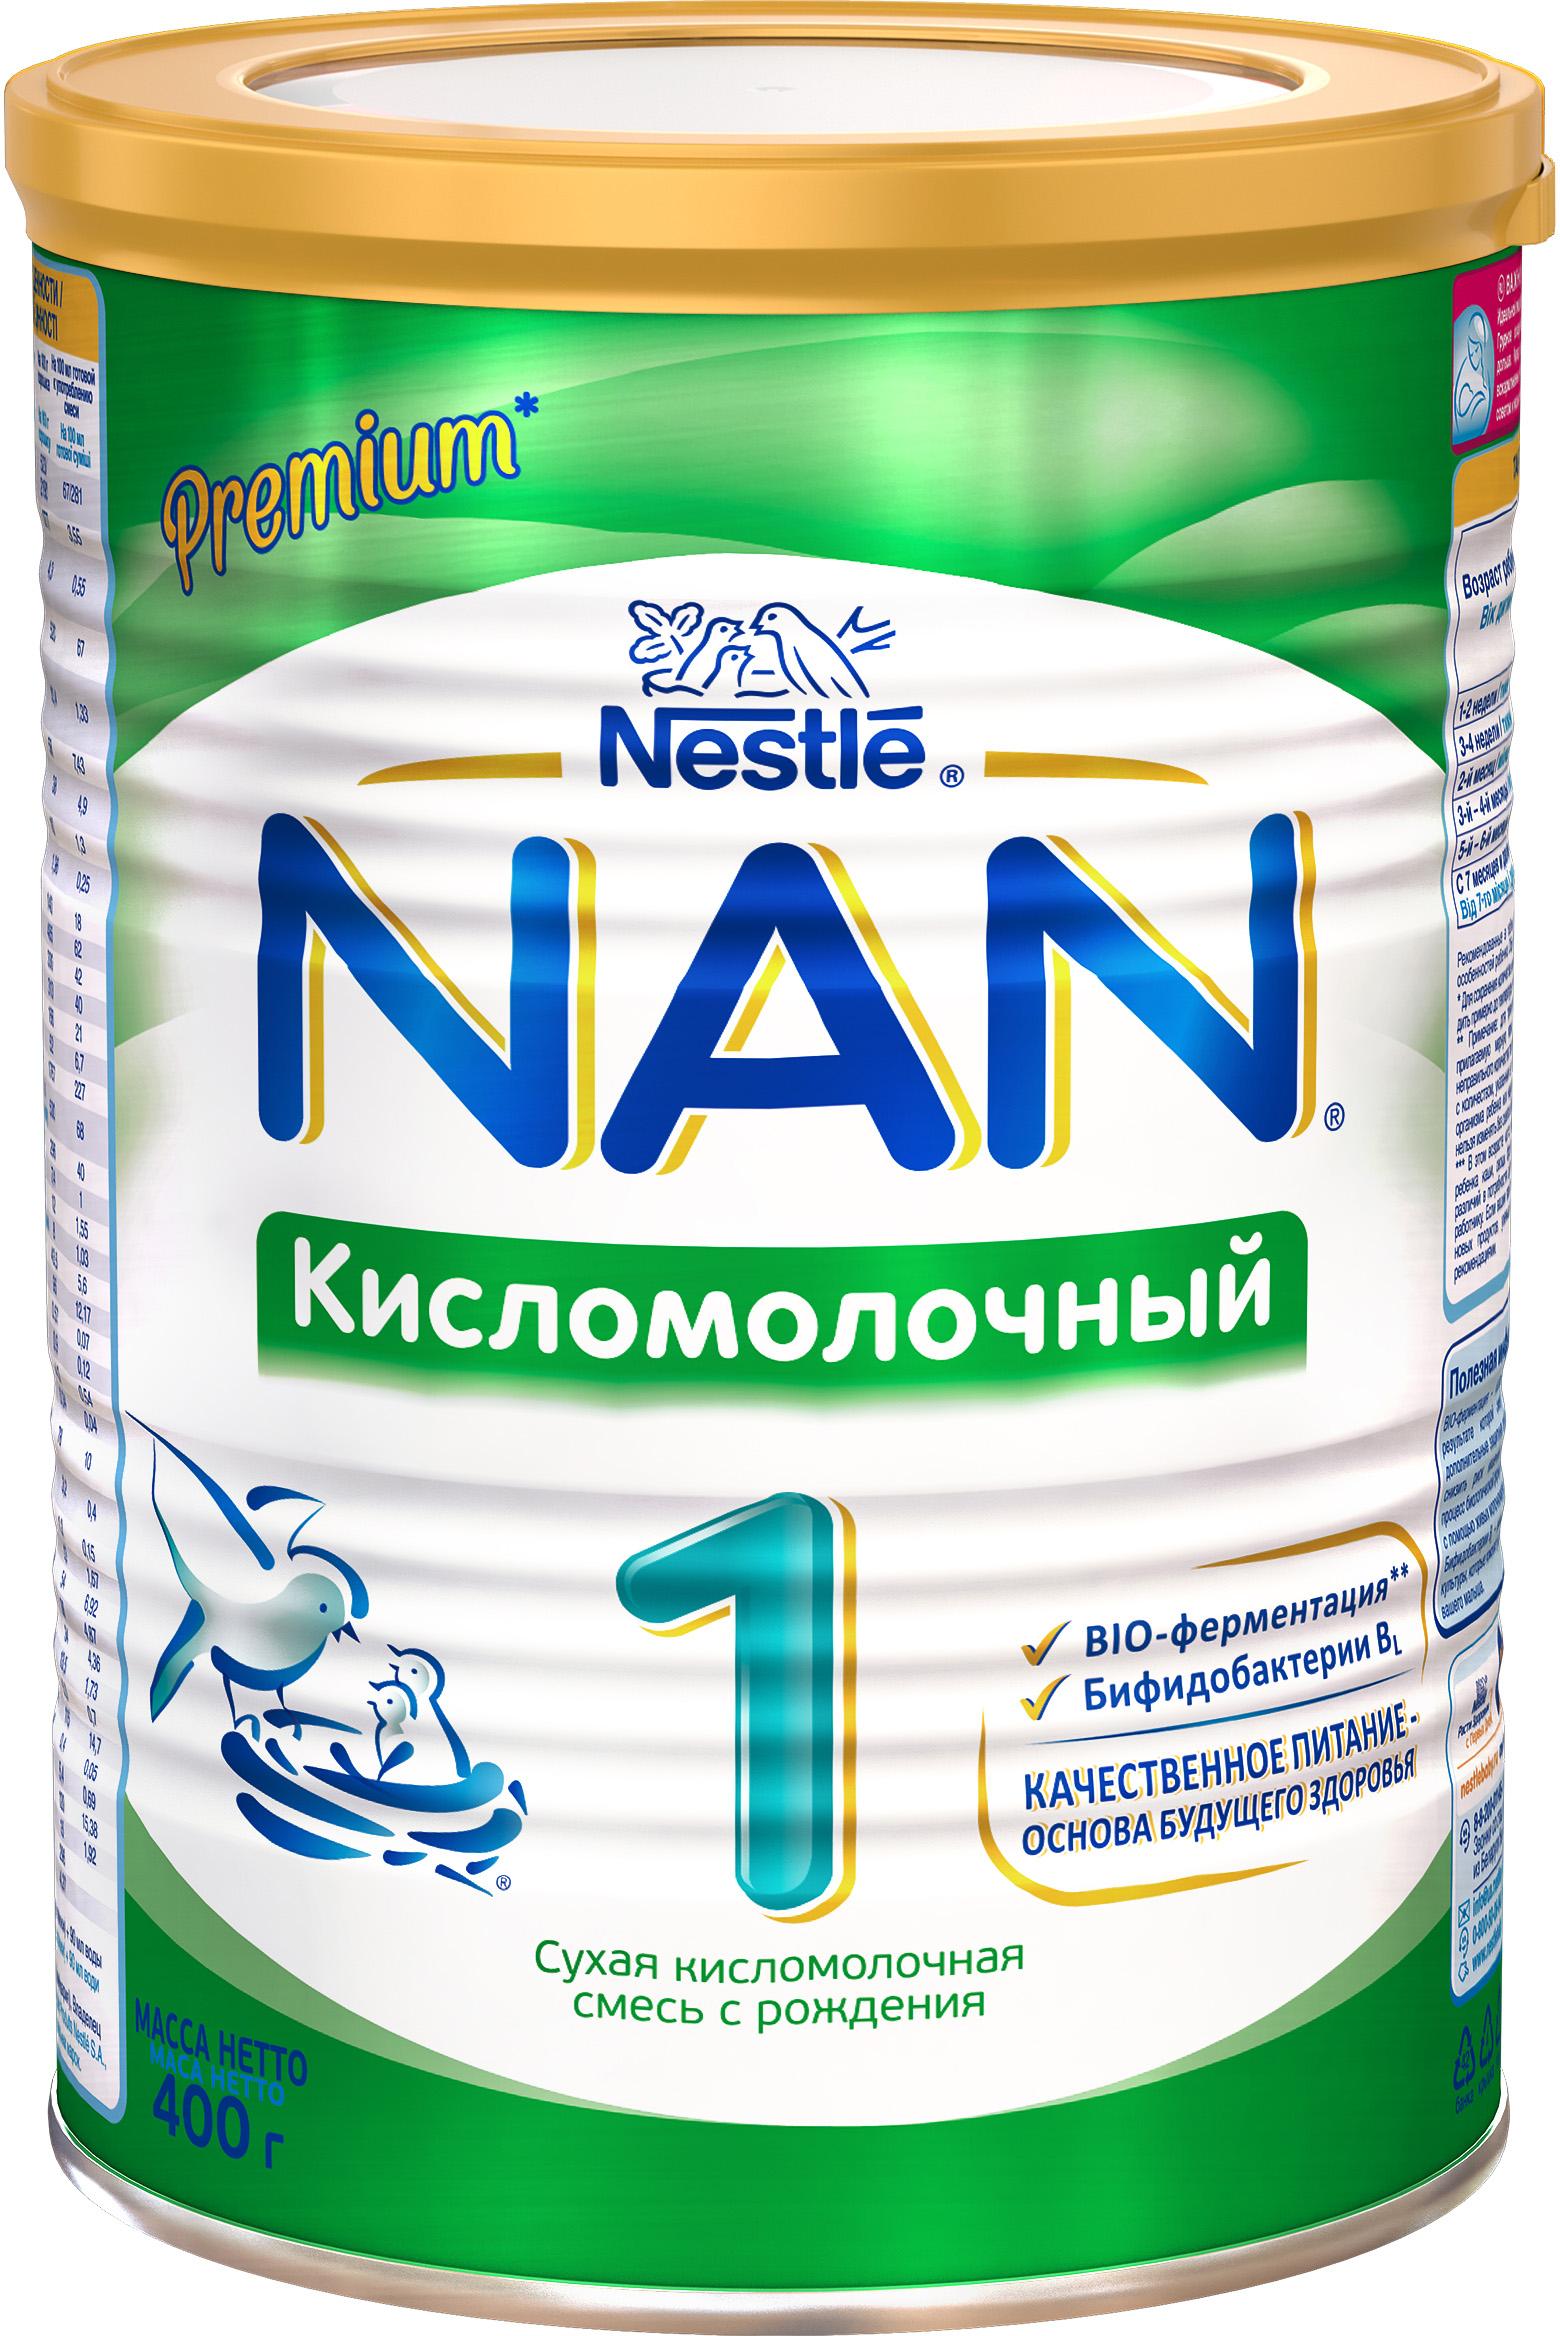 Молочная смесь Nestle NAN (Nestlé) Кисломолочный 1 (с рождения) 400 г цена